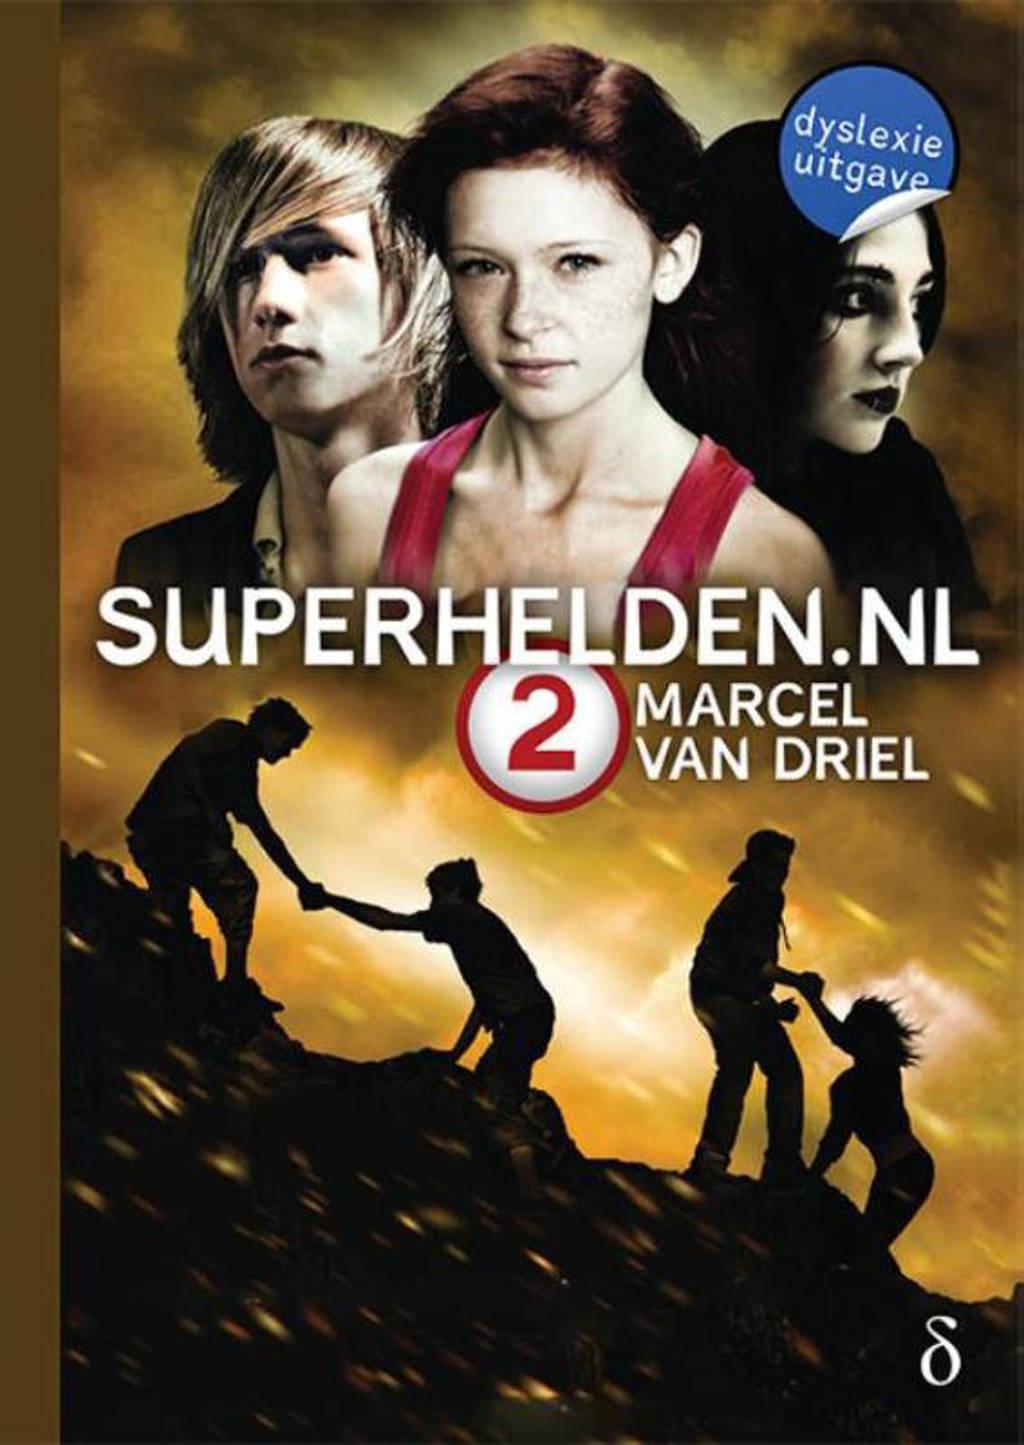 Superhelden.nl: Superhelden.nl 2 - Marcel van Driel